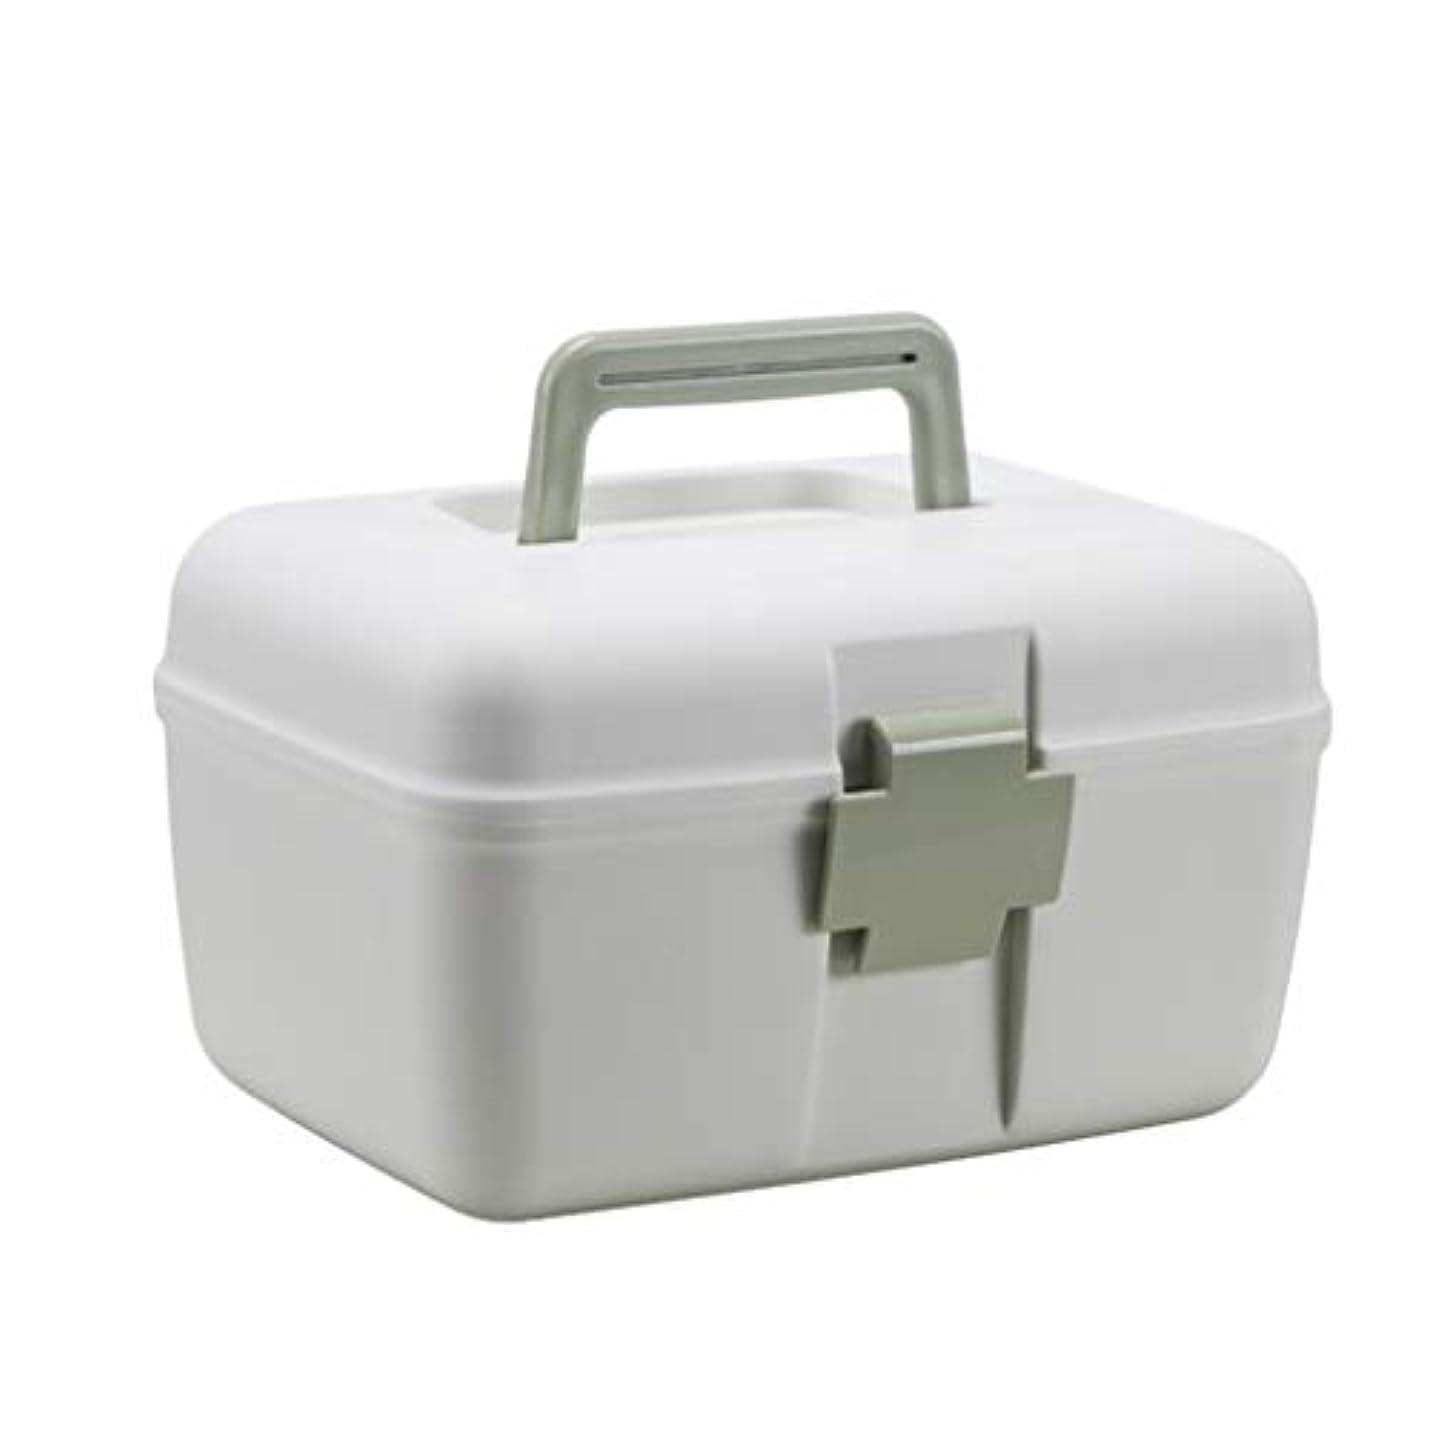 抗生物質寓話報復家庭用救急箱 薬箱 収納箱 ツールボックス 応急ボックス 多機能収納ケース 取っ手付き 持ち運び便利 緊急 防災 薬入れ 小物入れ 緊急応急 ホワイト 25cm*19.0*16cm グリーン ピンク ブルー 可愛い